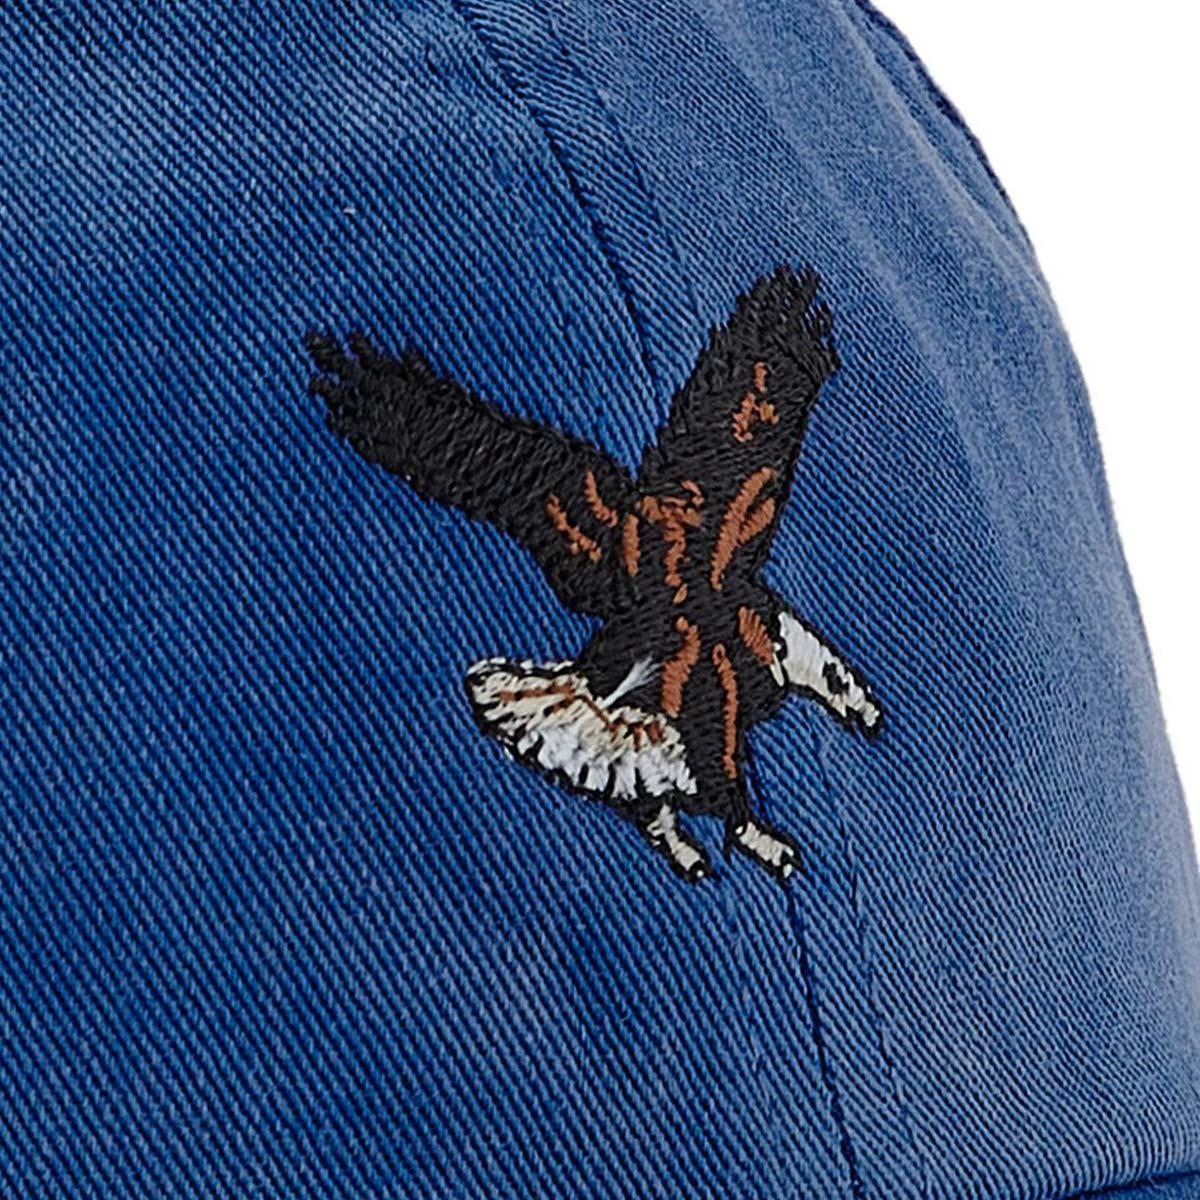 Filson Washed Low Profile Cap 20204530-Bright Blue Eagle, klassieke low-profile pet die beschermt tegen de elementen